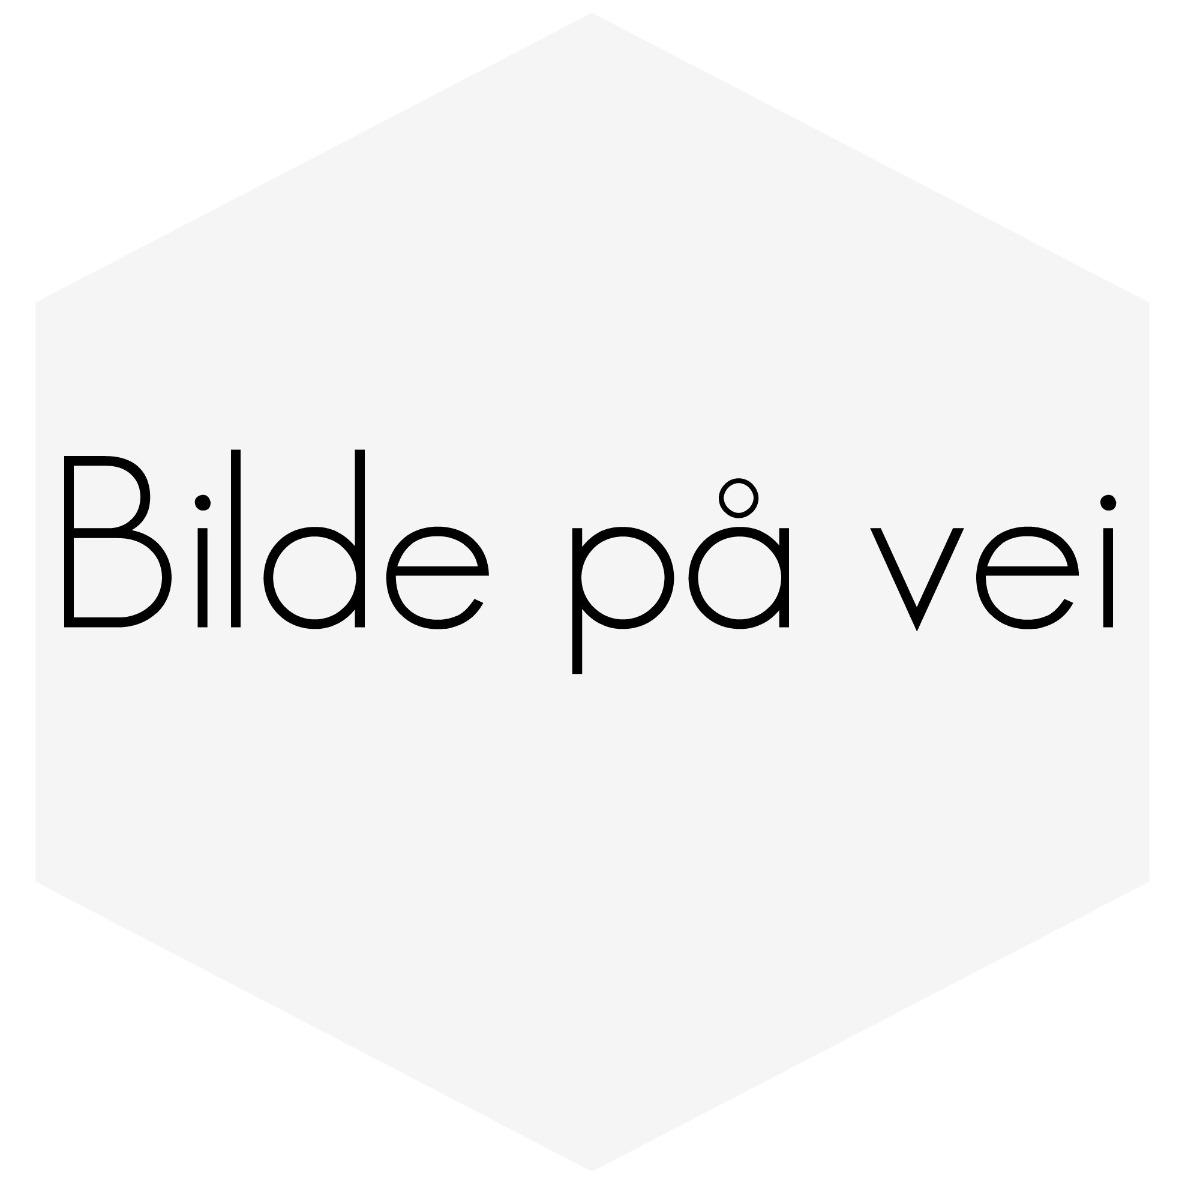 SPOILER PÅ TAK VOLVO 900 SEDAN(944,964 )  GRUNN LAKKERT